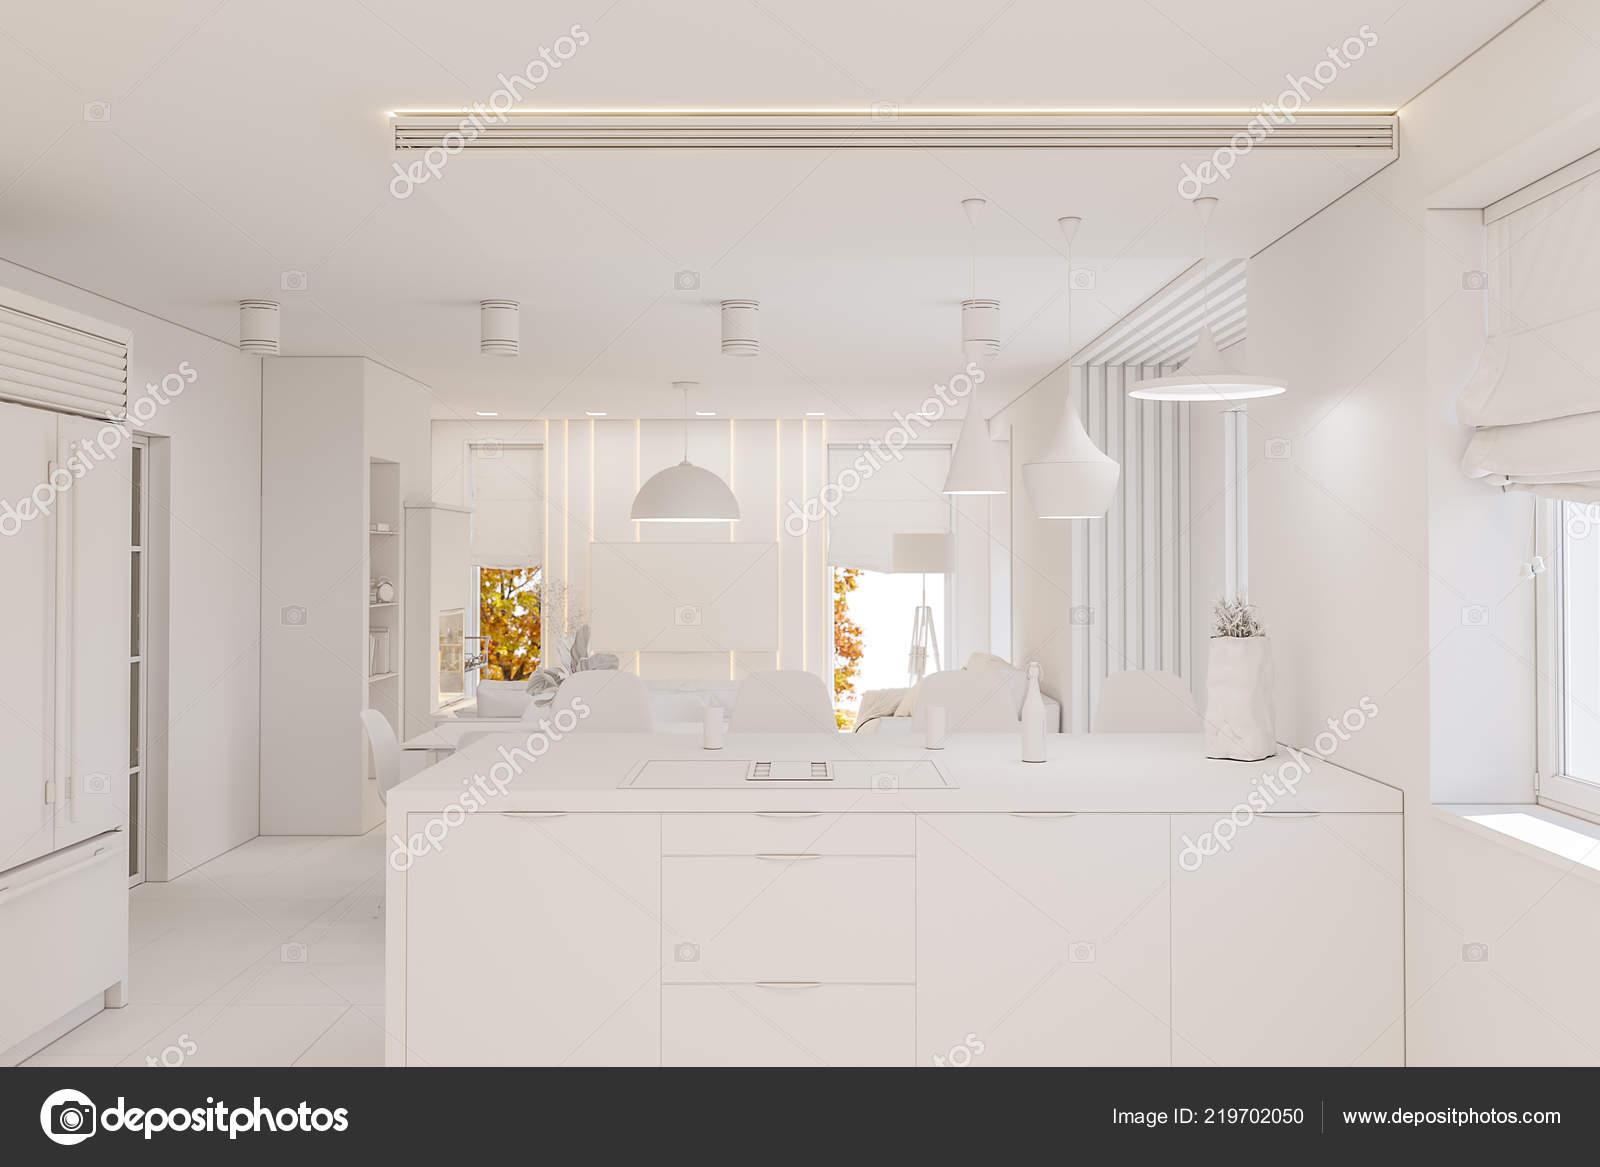 дизайн интерьера кухни белый цвет современная студия минималистском